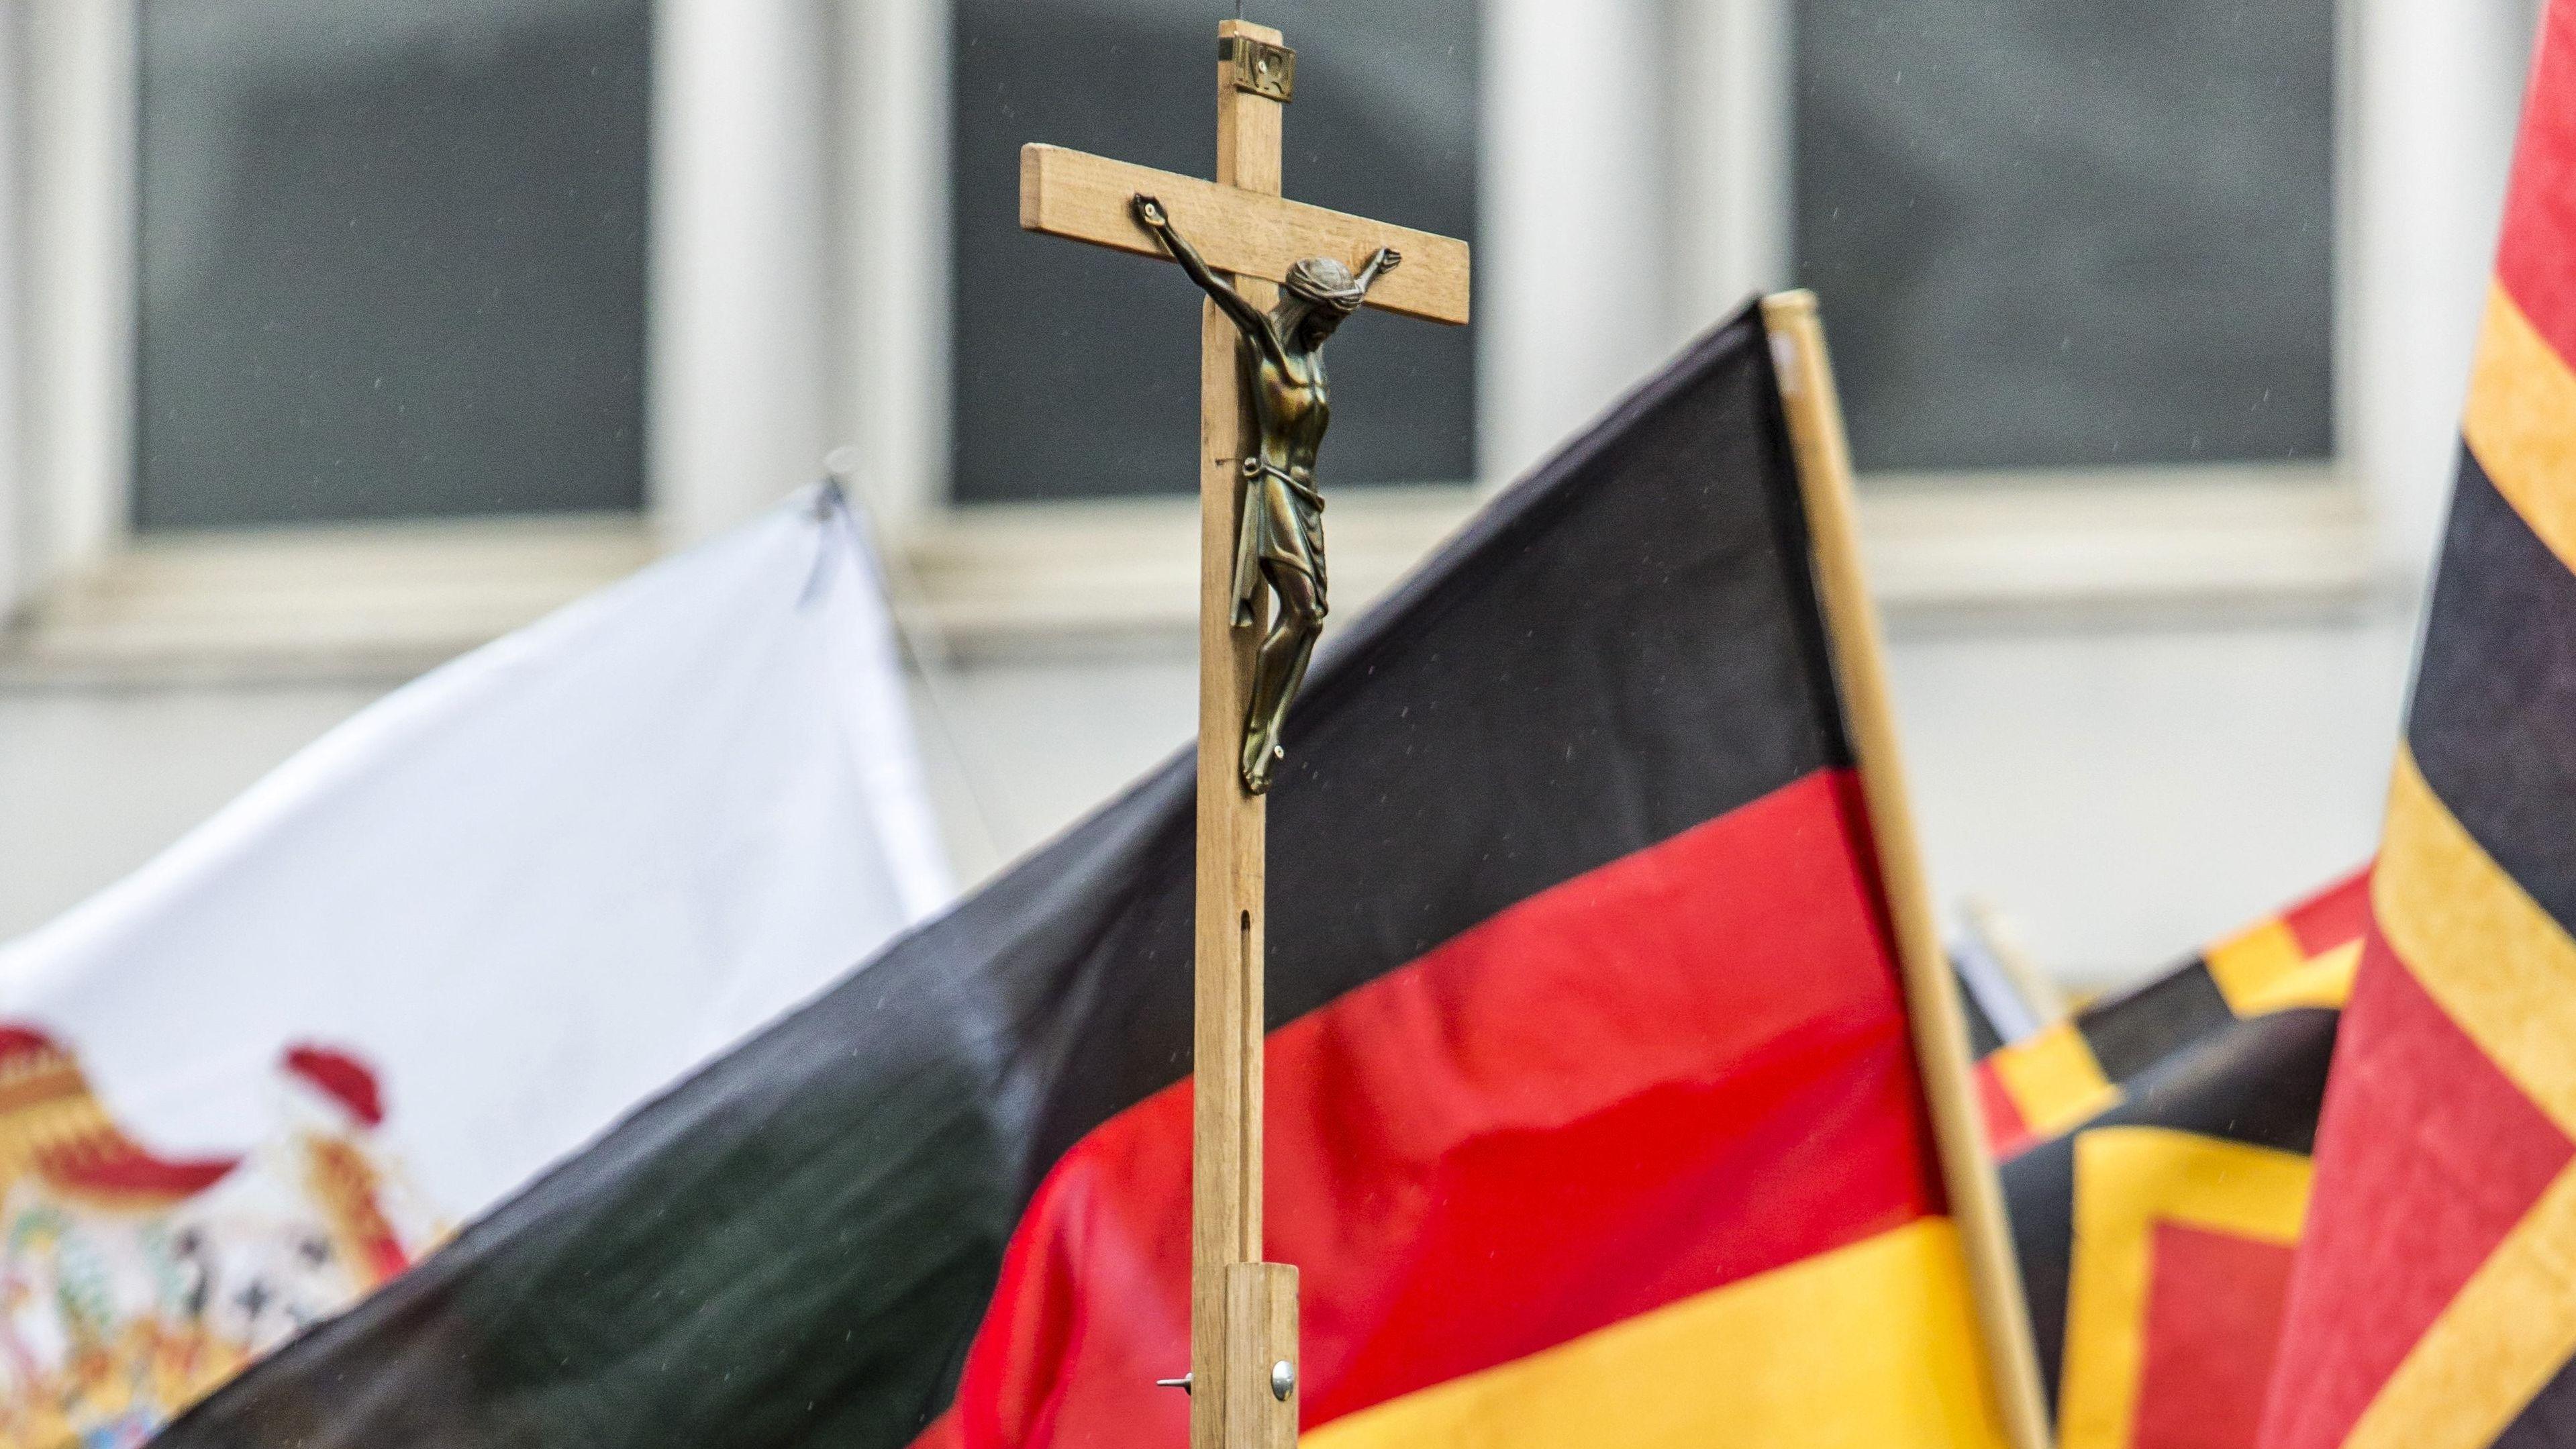 Auf einer PEGIDA-Demonstration wird neben Deutschlandfahnen auch ein Kreuz mitgetragen. (Symbolfoto)